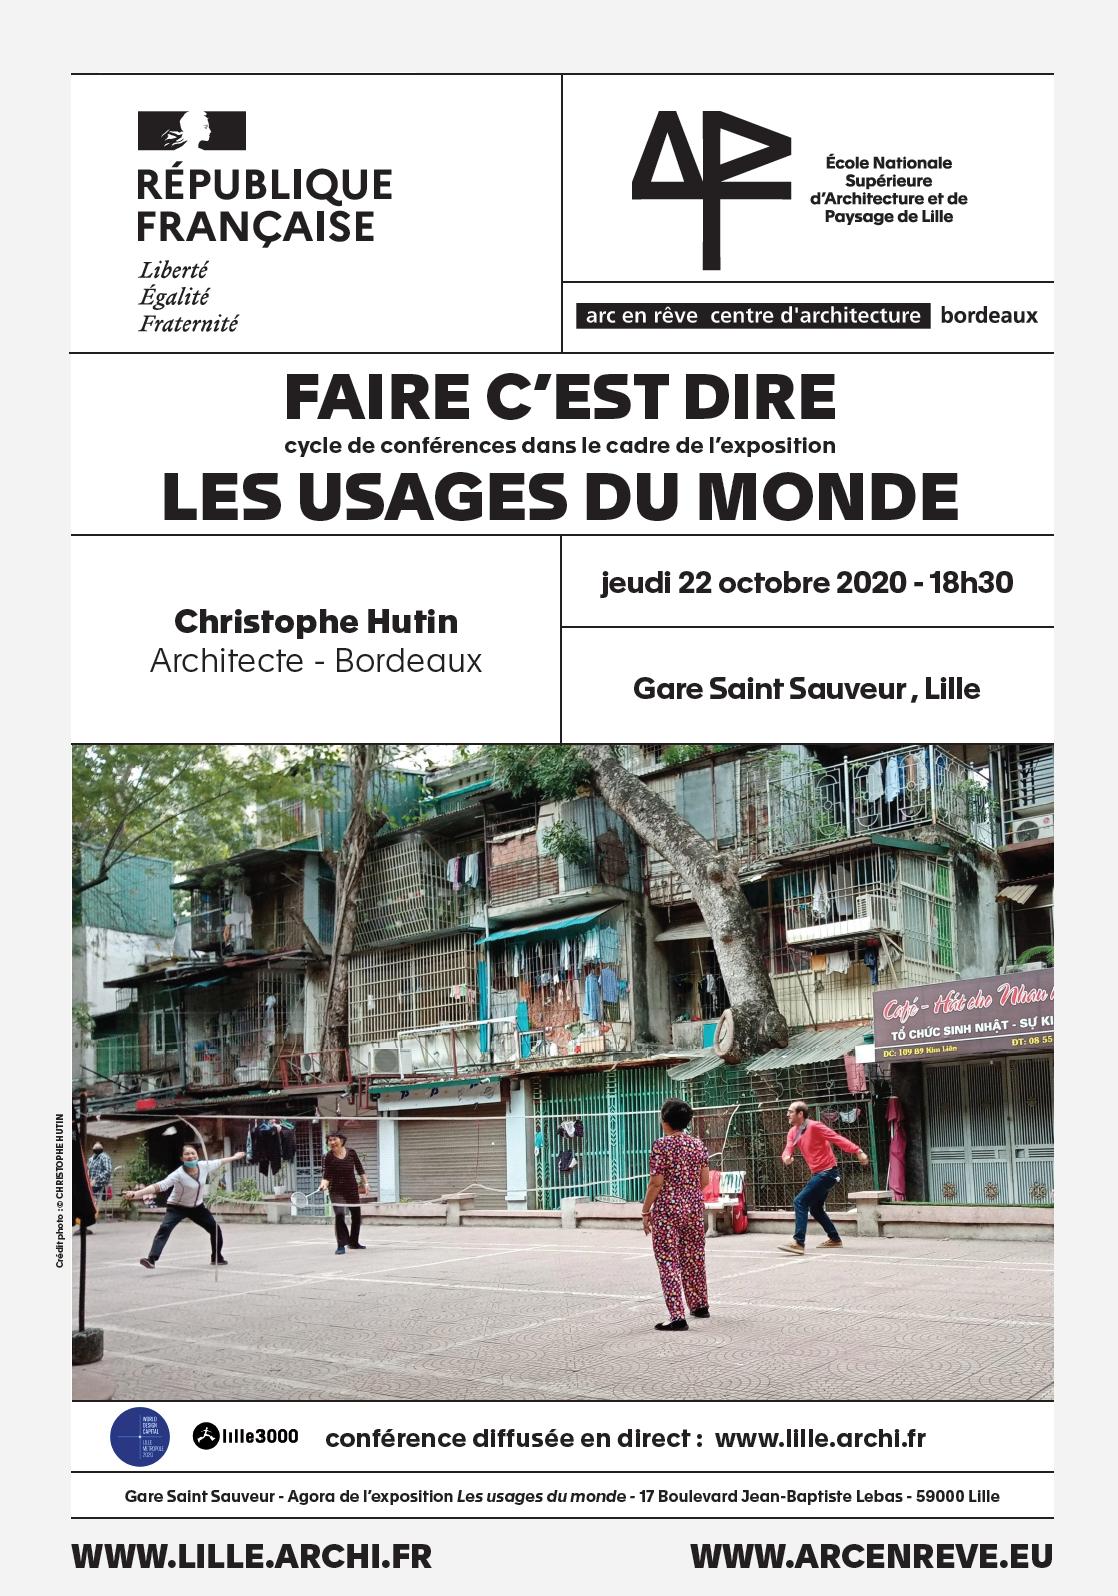 Conférences de Christophe Hutin